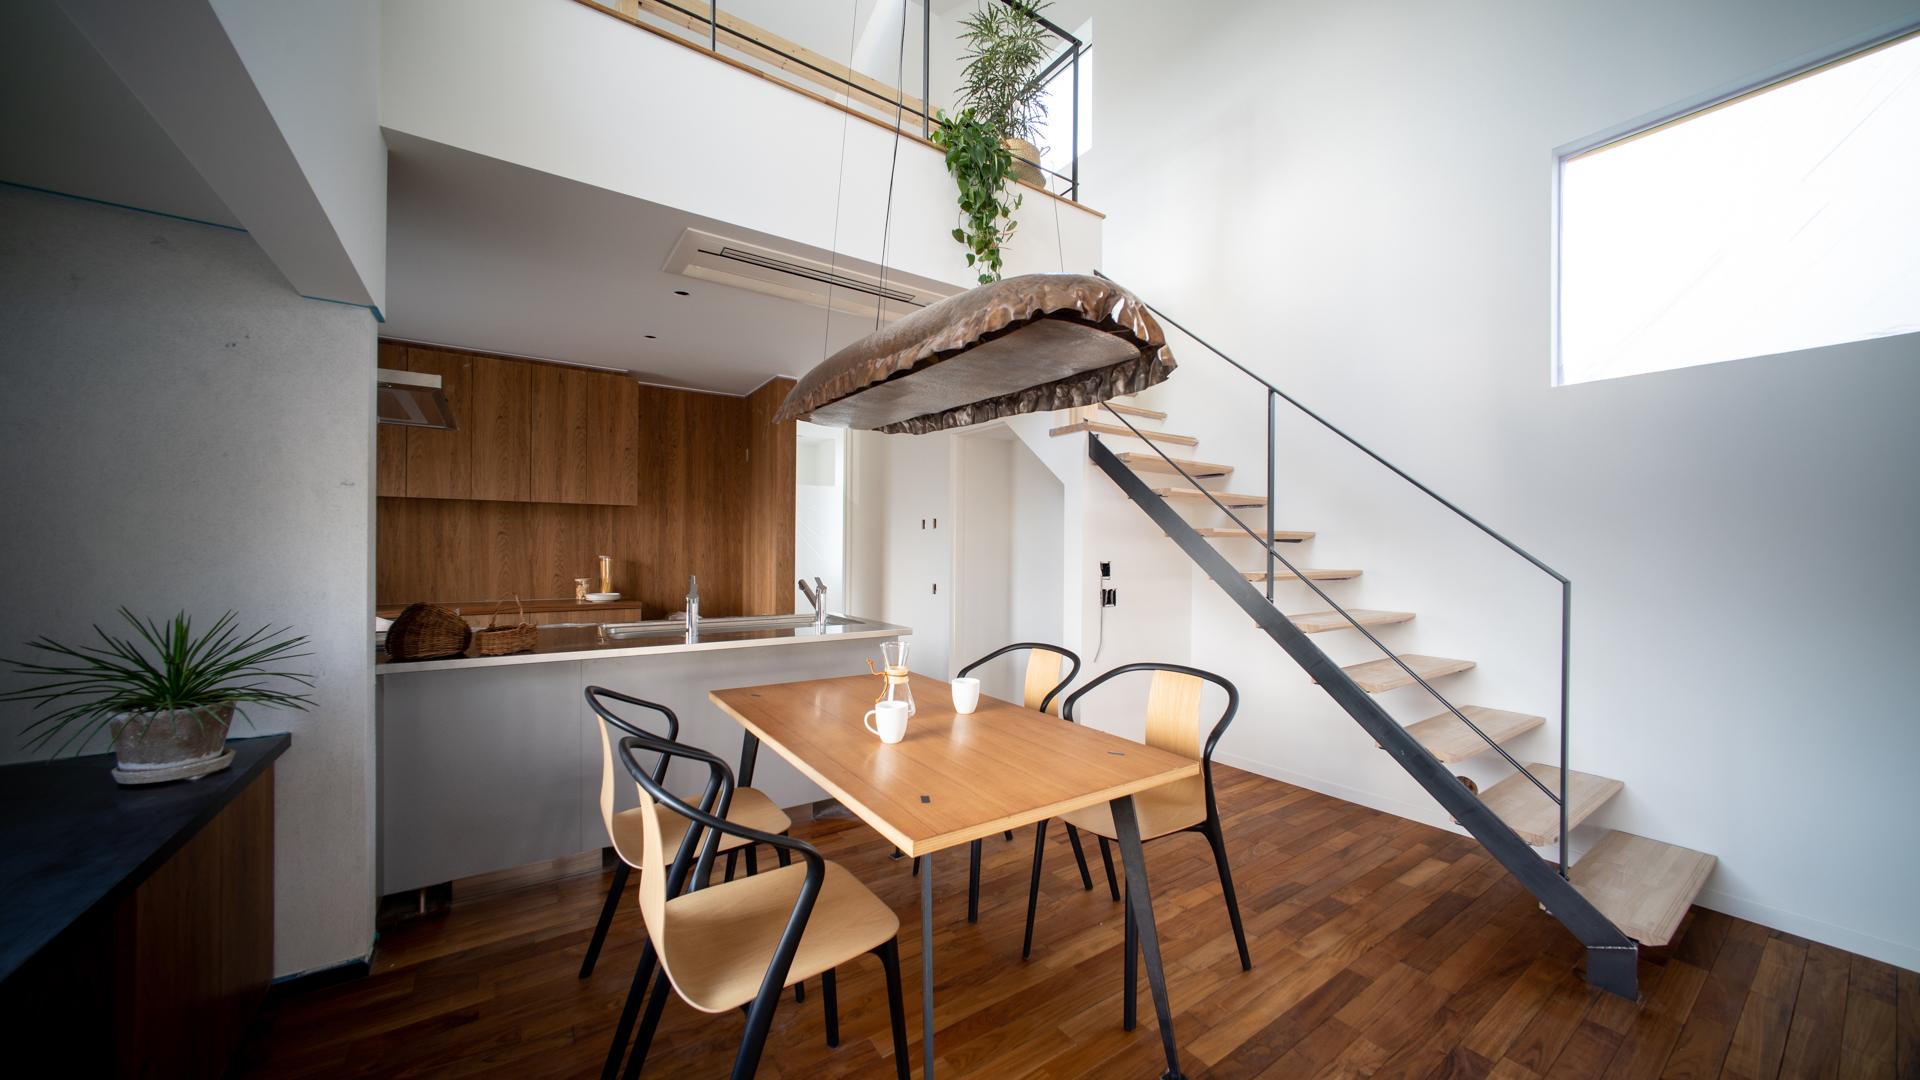 妙高市窪松原にて11月23日、24日とオープンハウスを開催します。傾斜のある敷地形状に添うように計画した豪雪地の落雪住宅です。